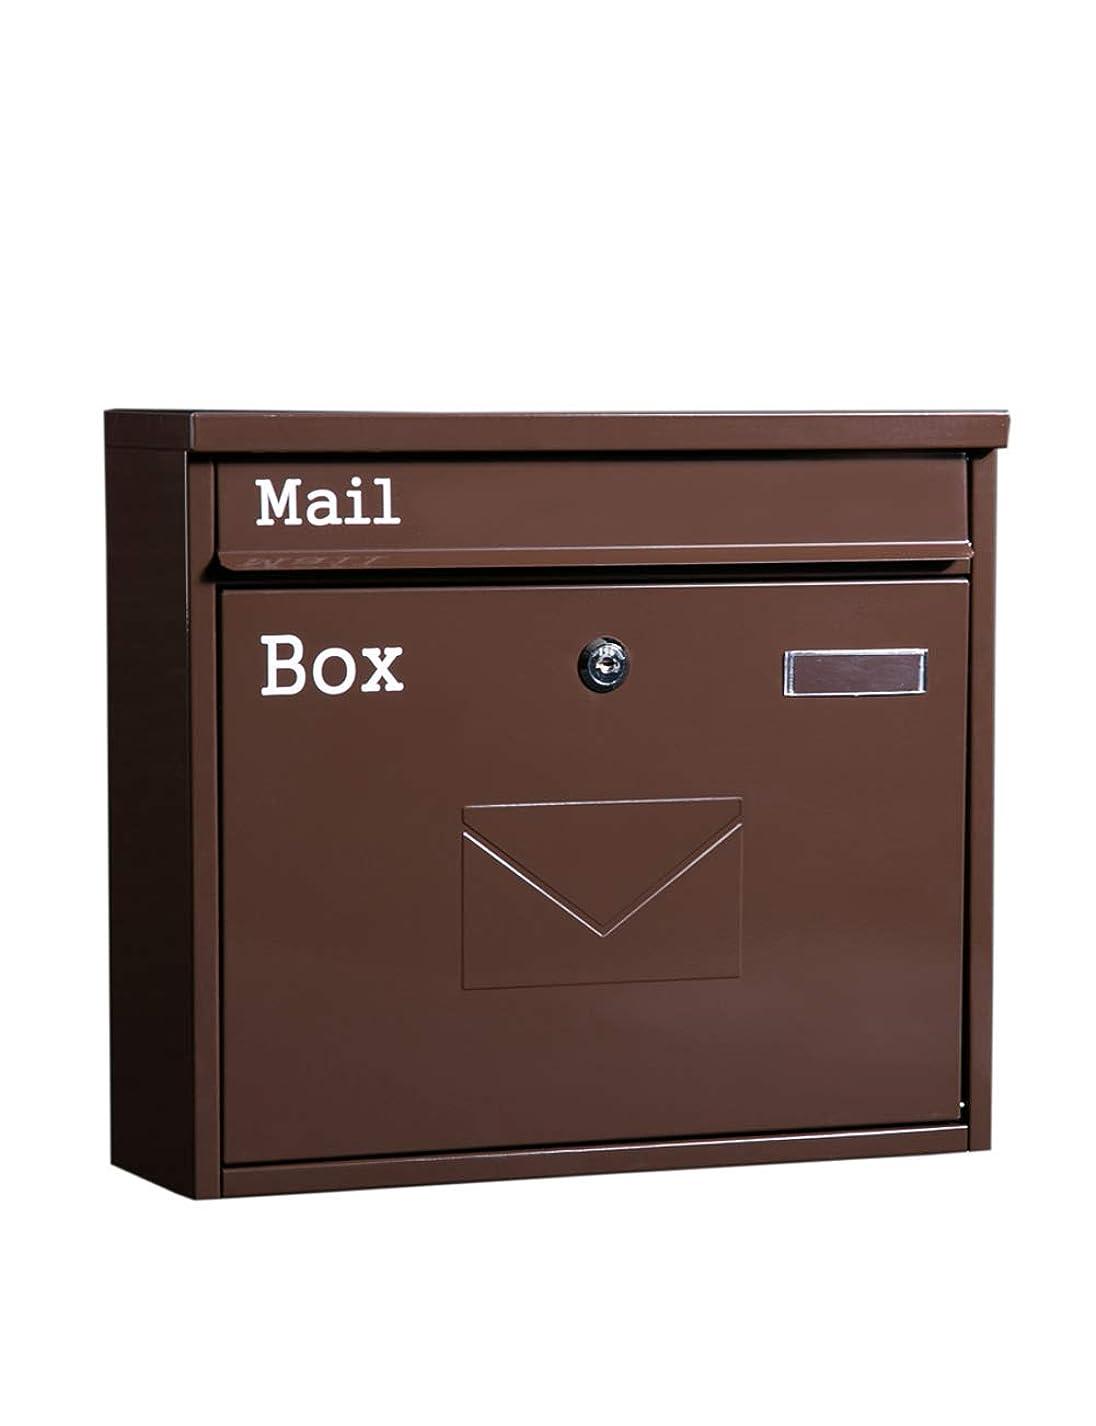 繊毛詩人ぐるぐるJIAJIA ウォールマウントされたメールボックスレトロ屋外の防雨メールボックス新聞雑誌ロック付き メールボックス